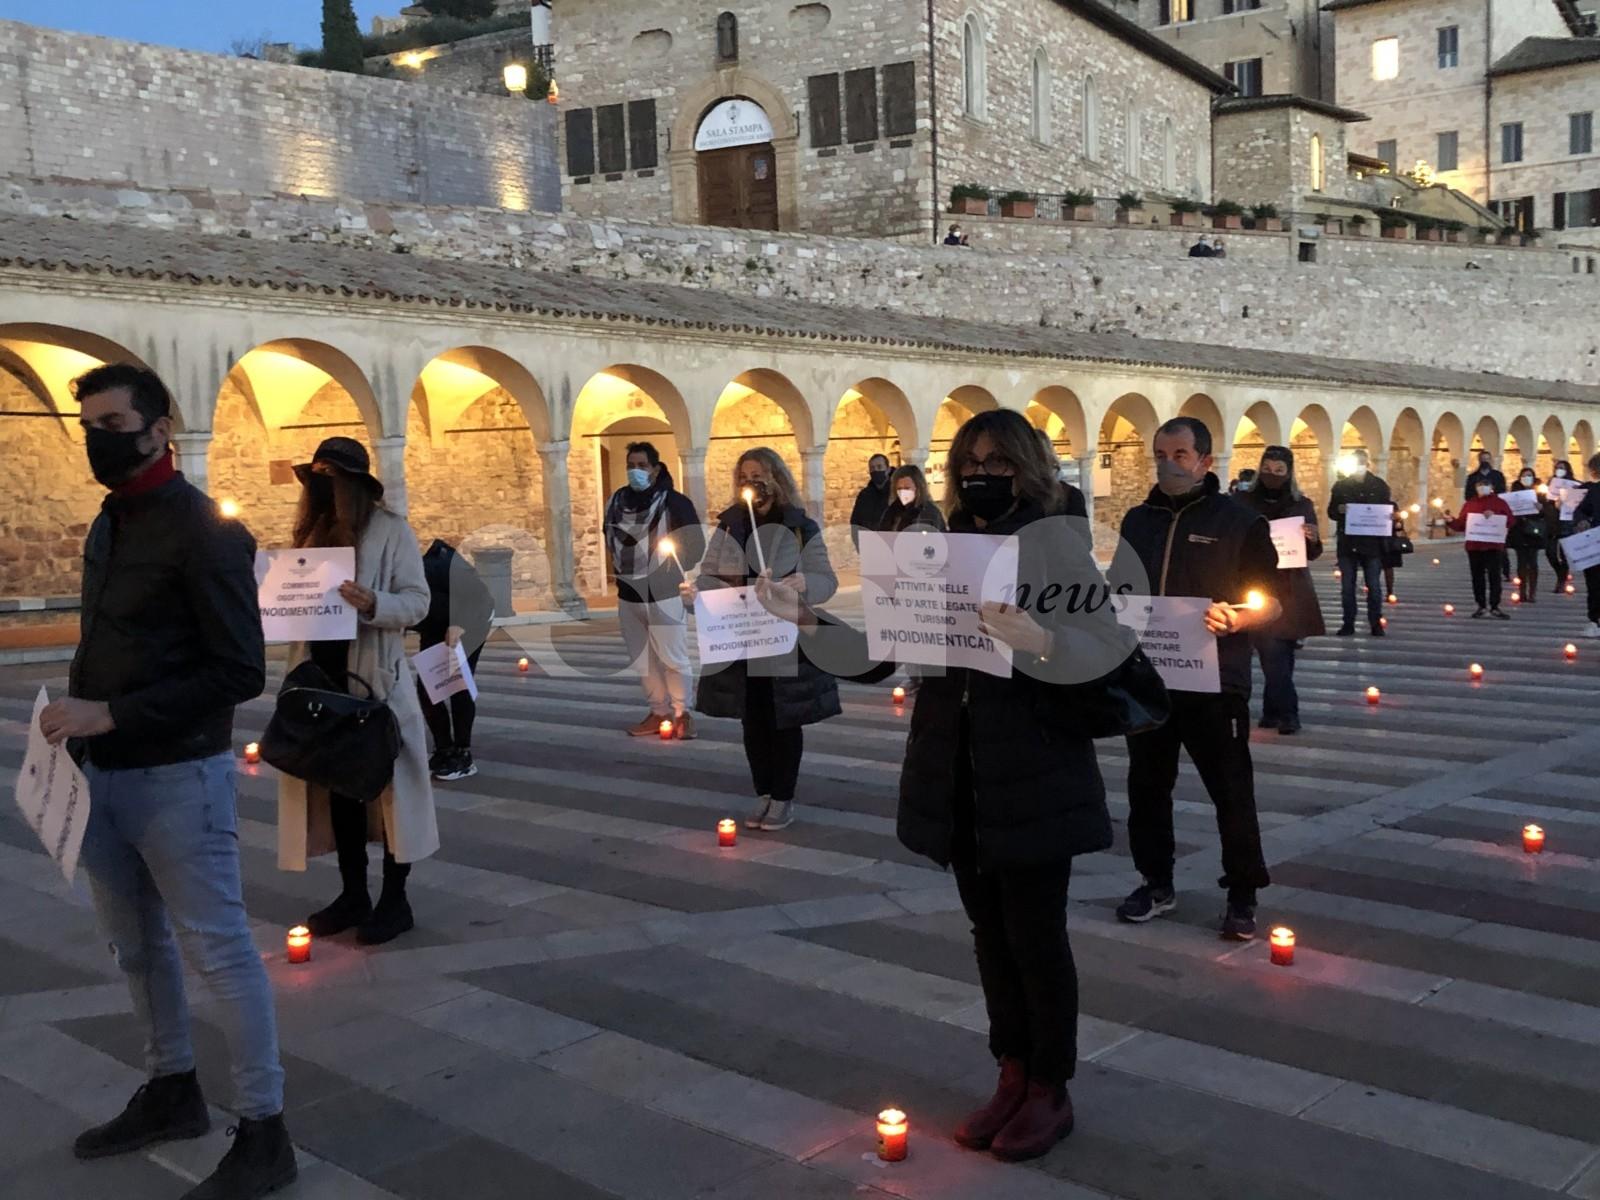 Commercianti di nuovo in protesta: domani 'picchetto' a Santa Margherita